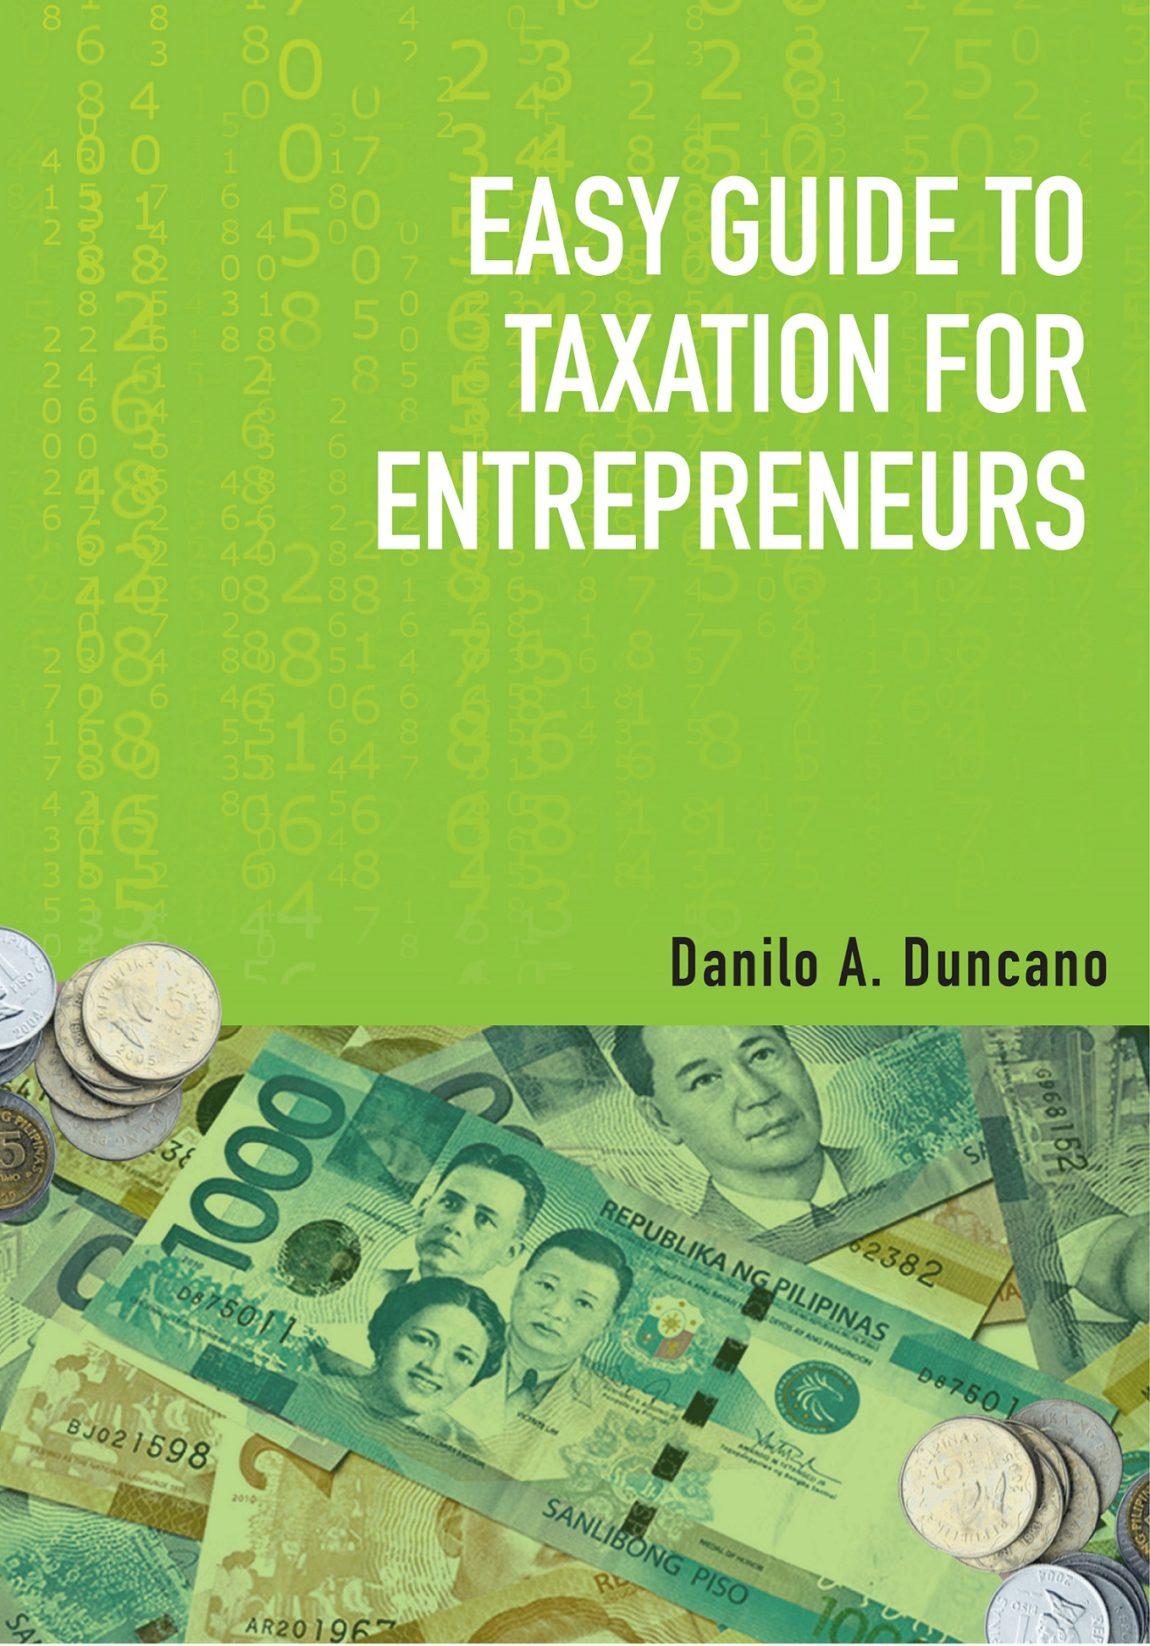 Easy-Guide-to-Taxation-for-Entrepreneurs.jpg